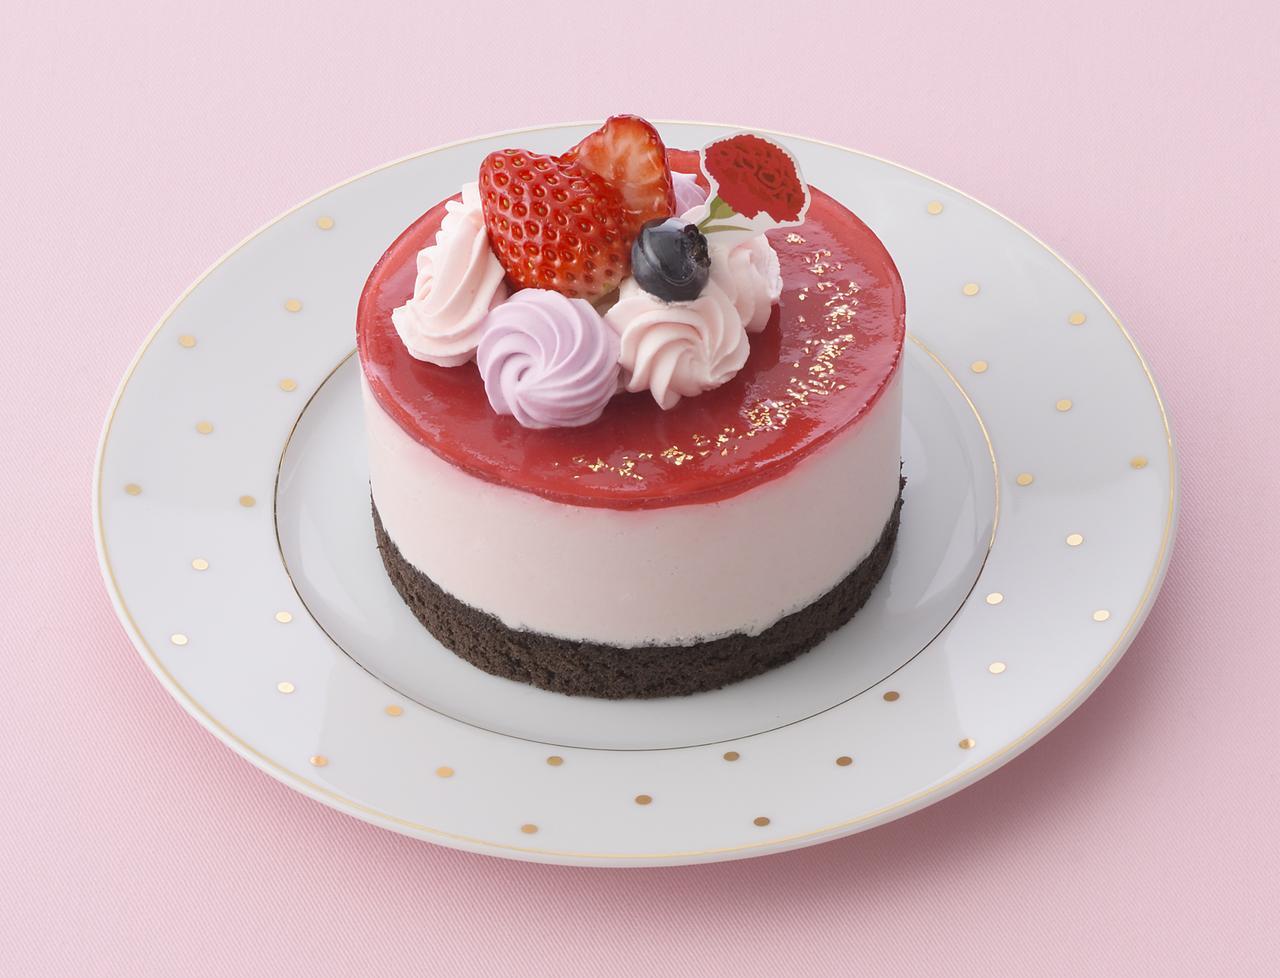 画像: 価 格: <直径10cm>¥1,380(税込¥1,490) 販売期間: 2017年5月6日(土)~14日(日) 特 長: チョコクリームに苺ジャムと苺ムースを重ね、真っ赤なラズベリージュレで仕上げた華やかなデコレーションケーキ。ベリーの酸味とチョコのまろやかさがとけ合います。母の日ピック付き。